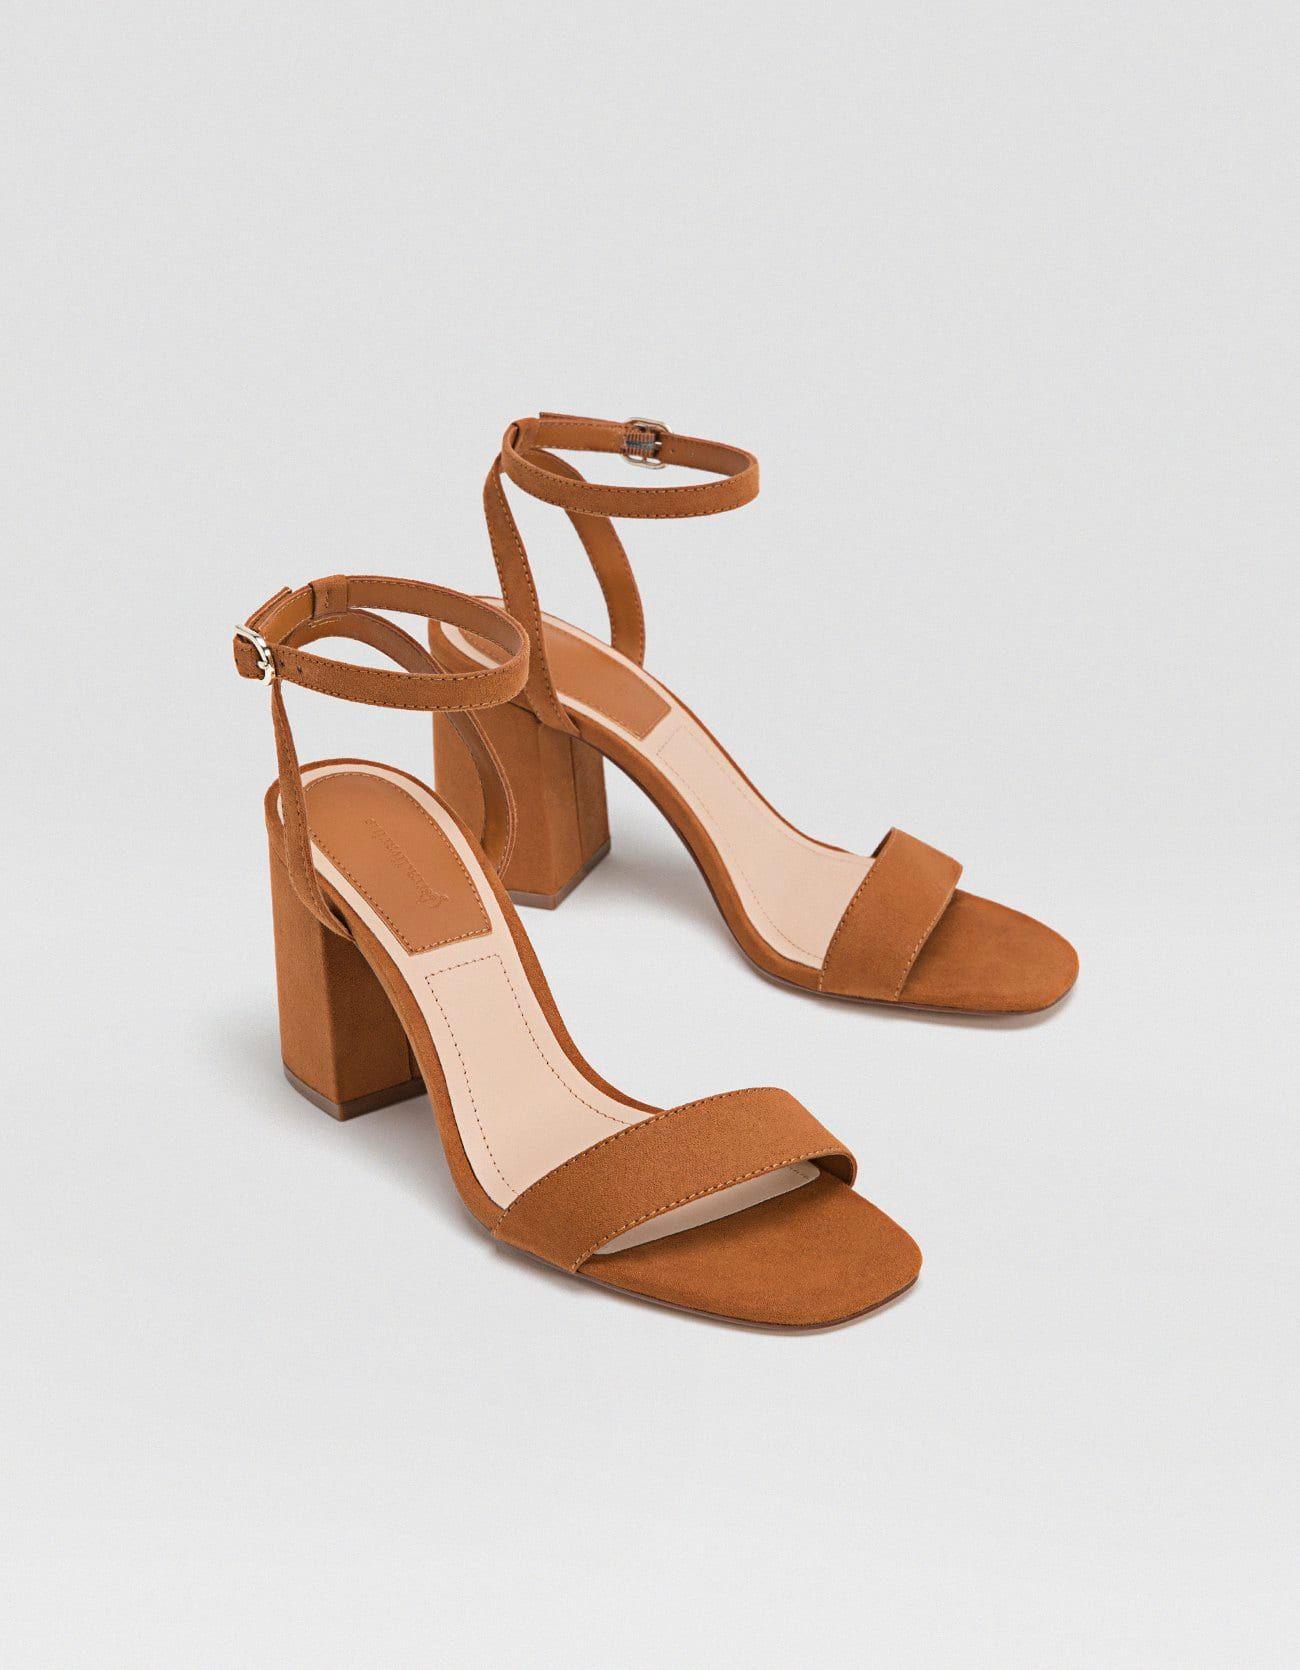 ea9aac7d65c Sandalias tacón ancho marrón - Zapatos de tacón